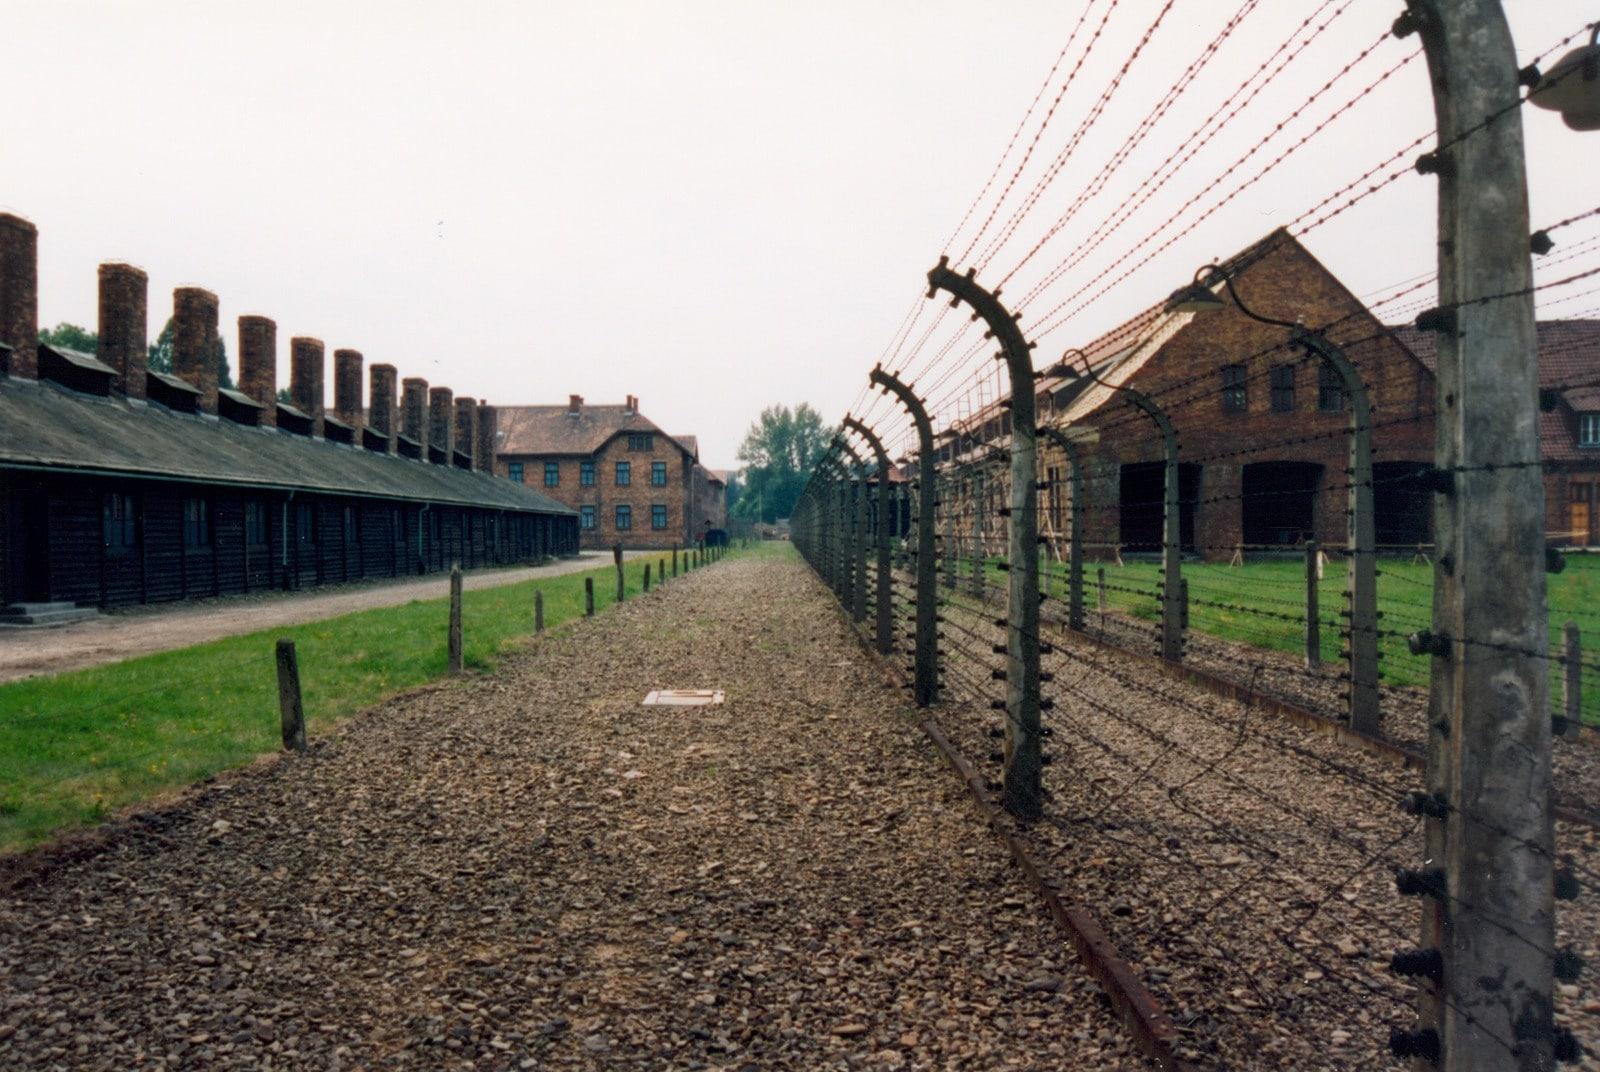 Memorial de Auschwitz afectado por cierres debido a pandemia pide donaciones